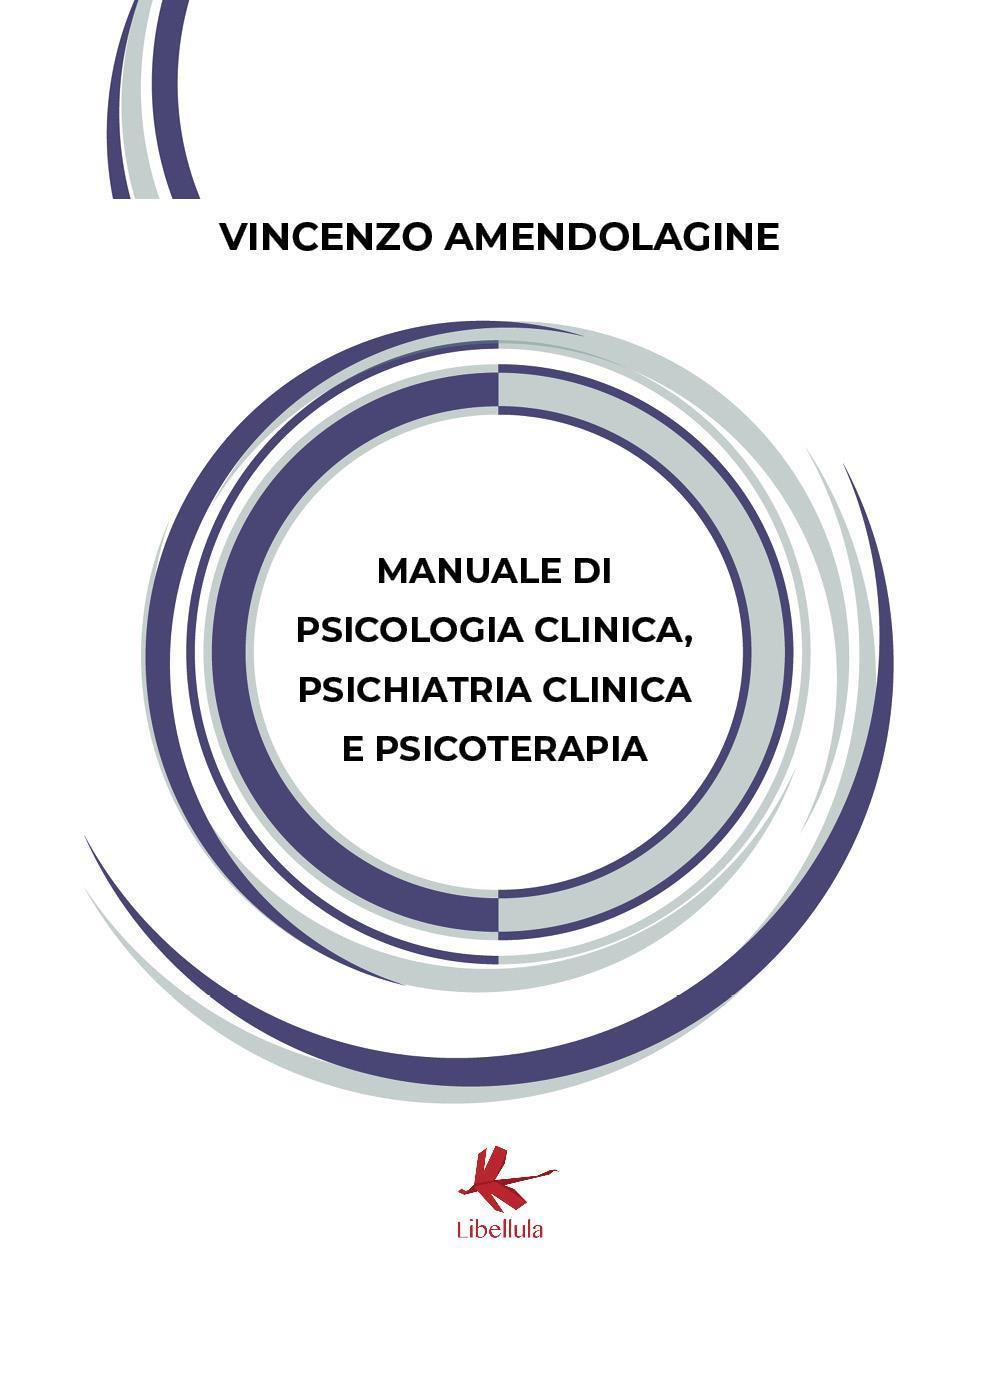 Manuale di Psicologia Clinica, Psichiatria Clinica e Psicoterapia